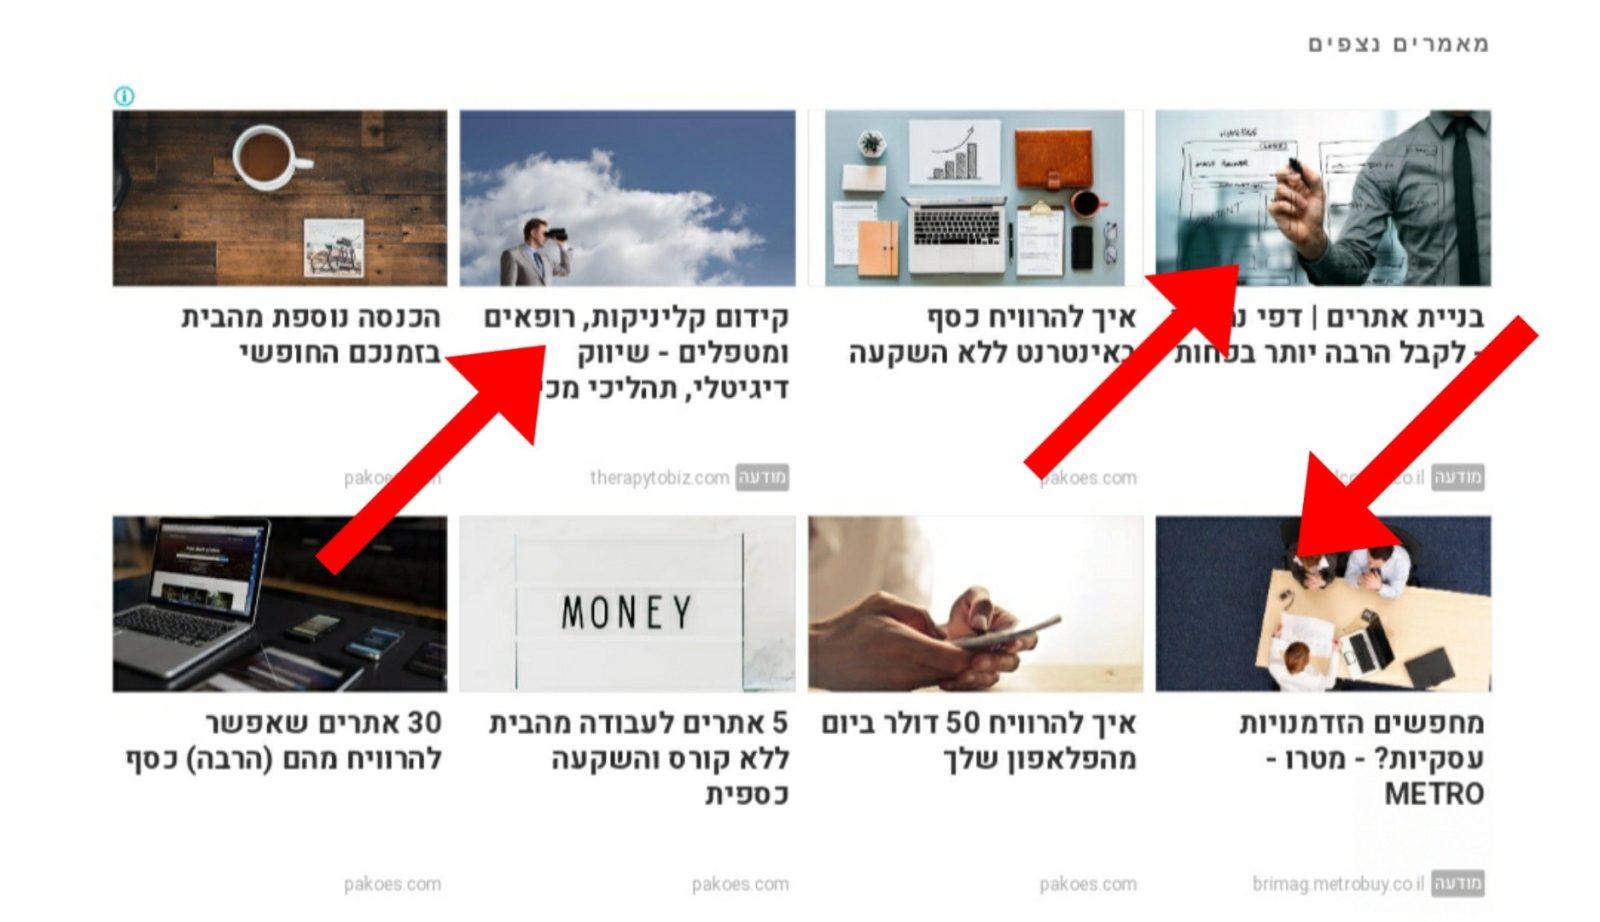 המומחים מגלים: איך להגדיל את הרווחים שלכם באתר עם גוגל אדסנס